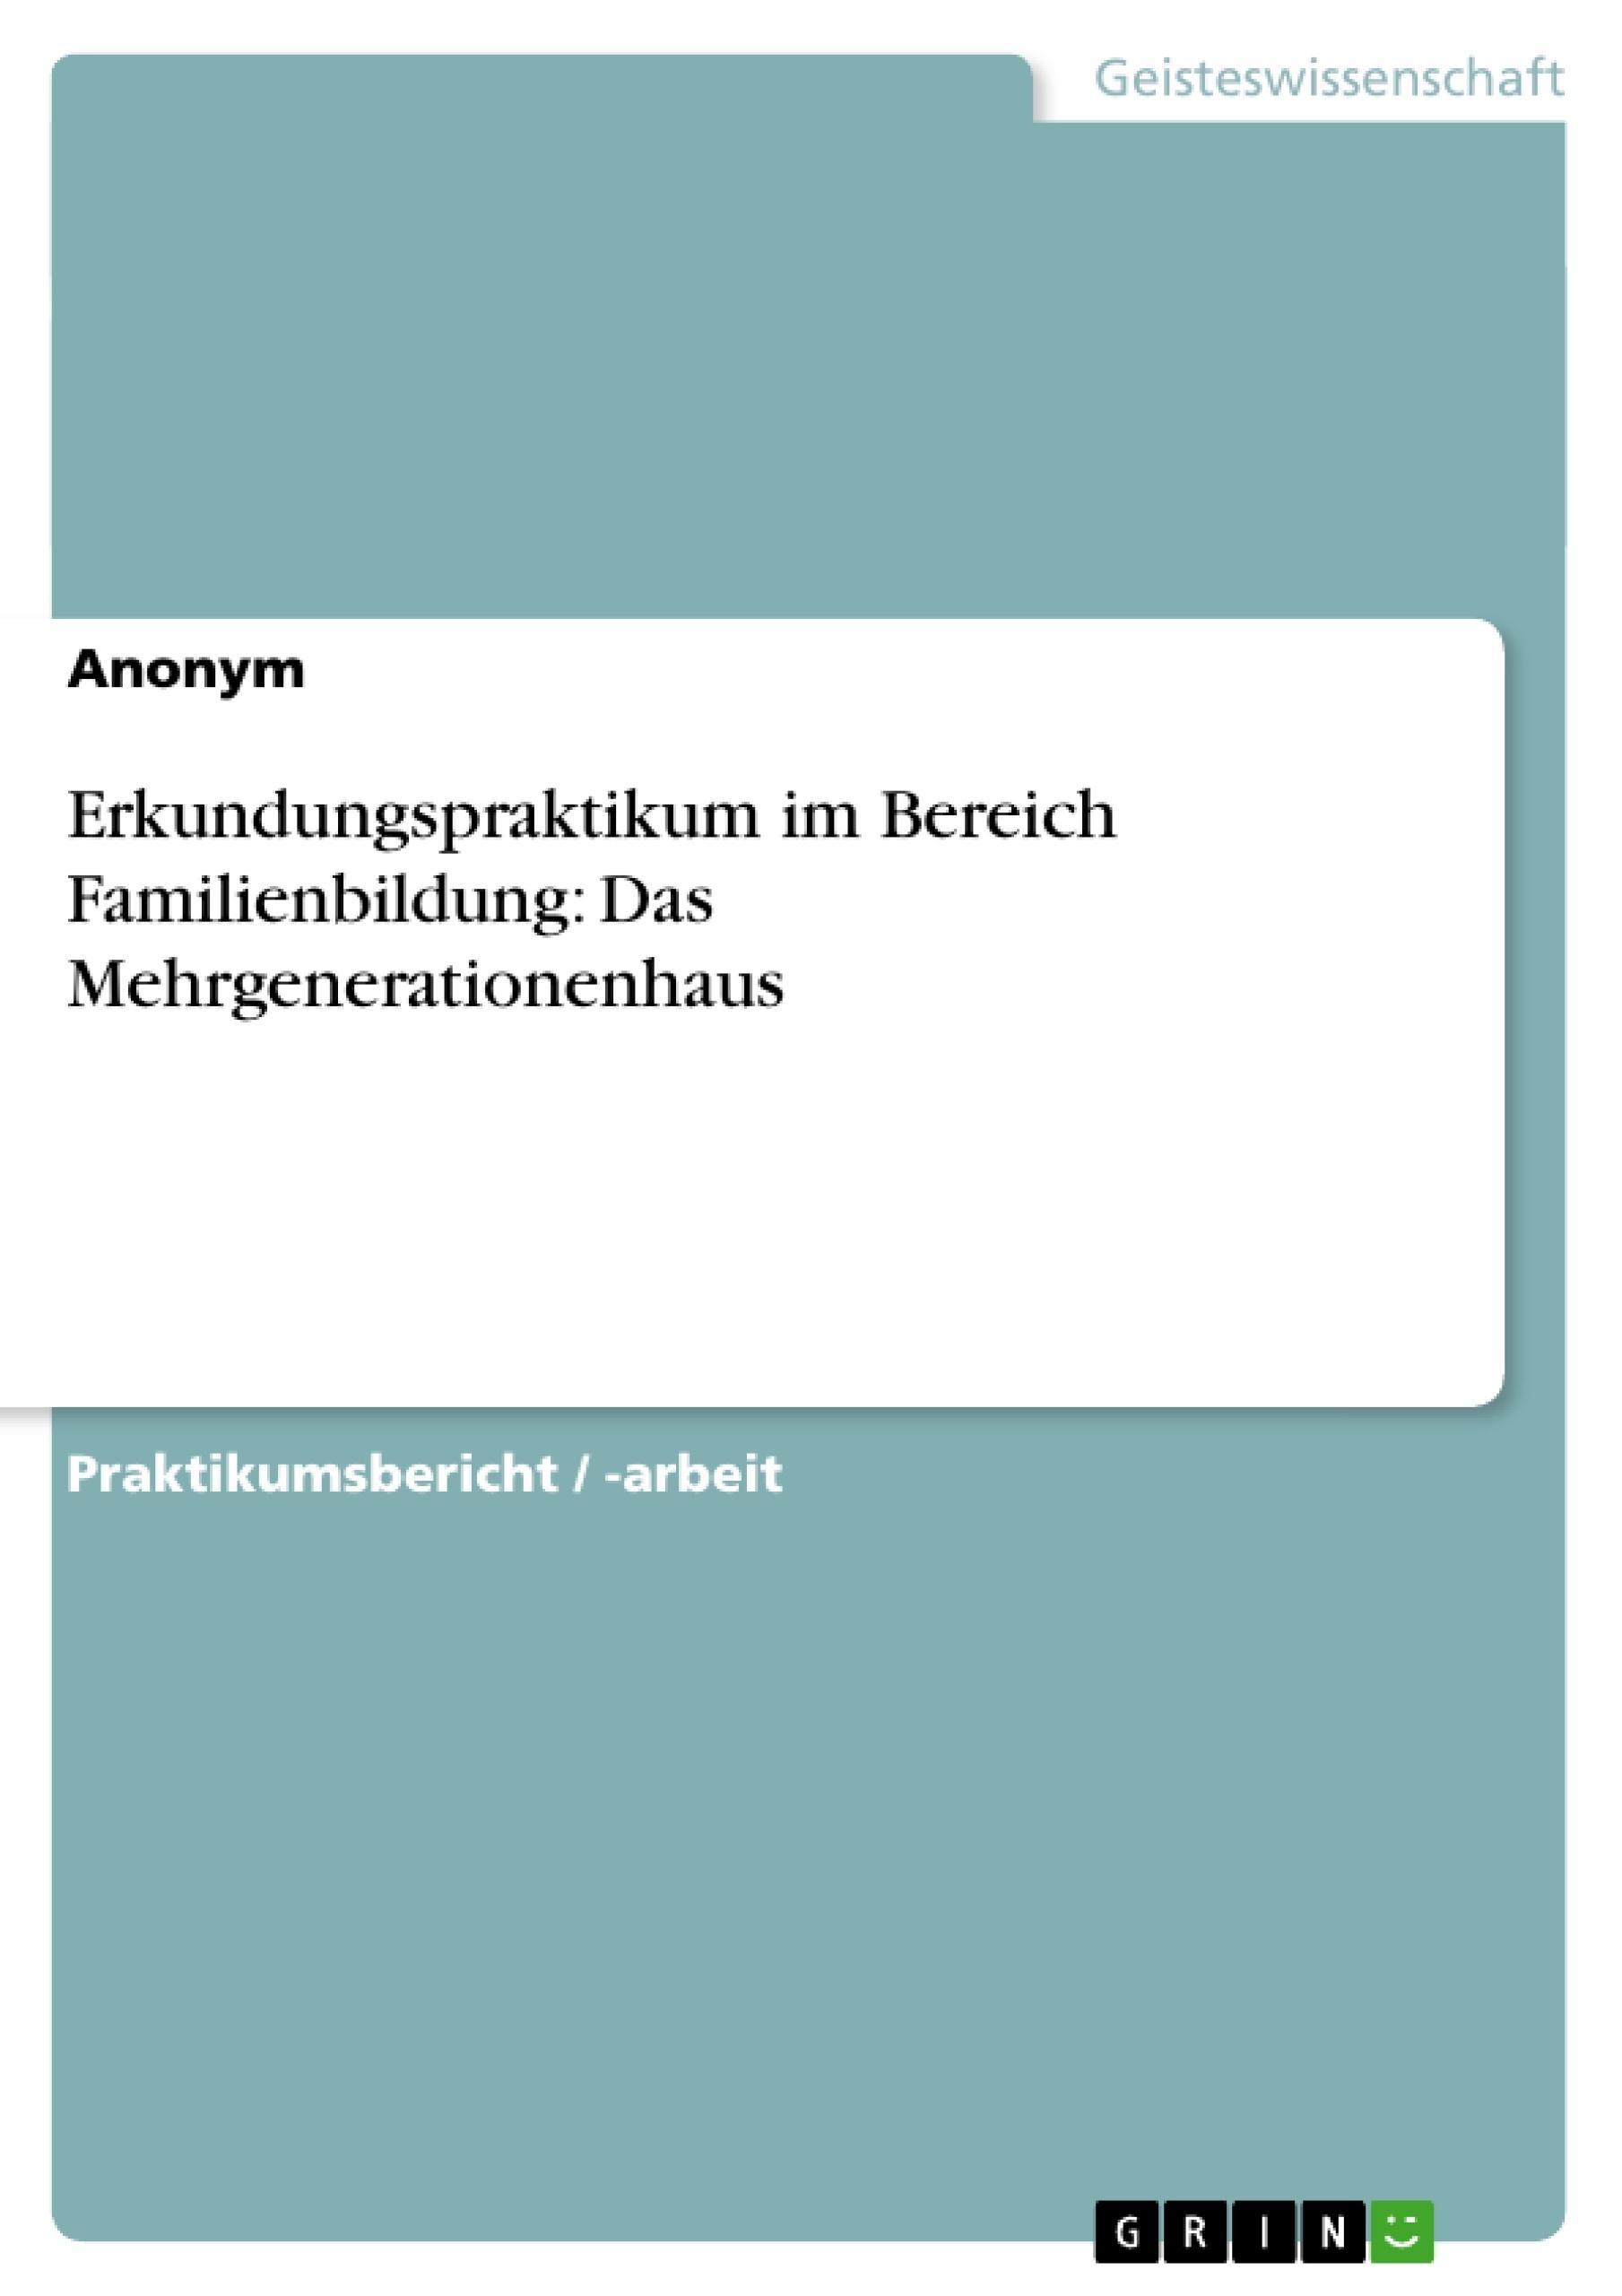 Titel: Erkundungspraktikum im Bereich Familienbildung: Das Mehrgenerationenhaus